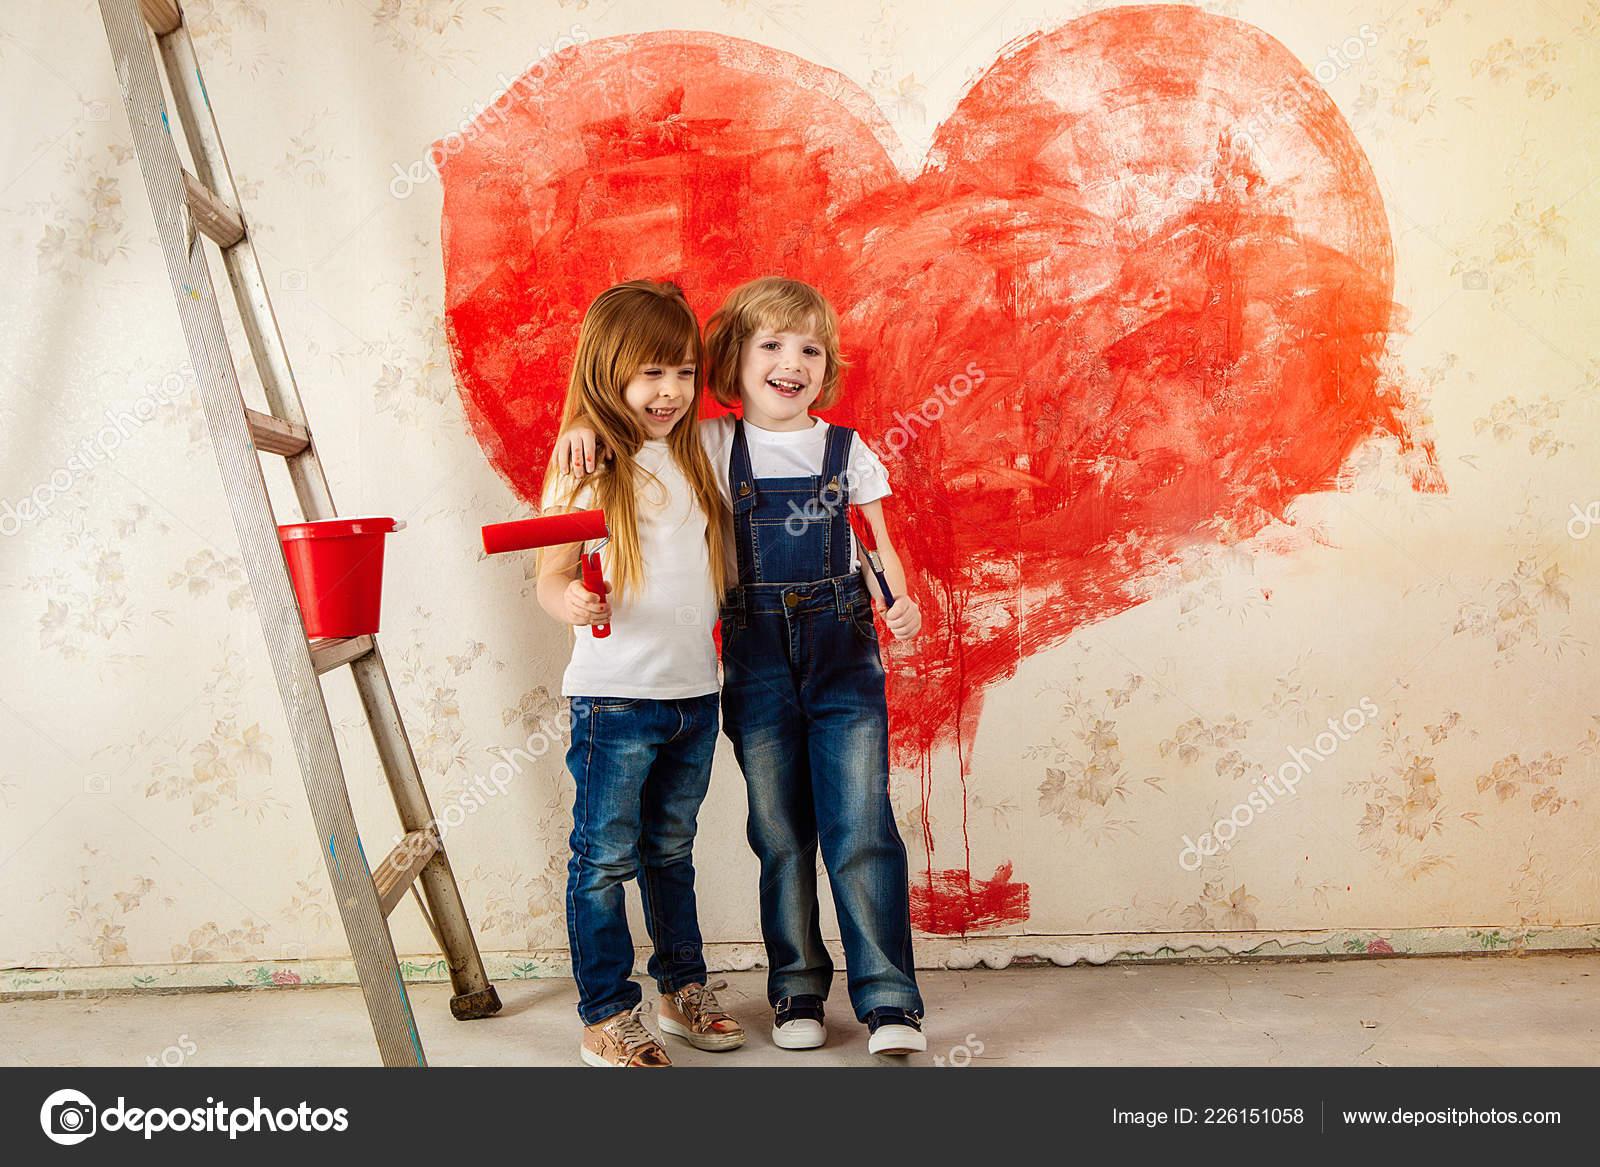 Enfants Ont Peint Le Papier Peint Dans La Chambre Avec De La Peinture Rouge.  Peindre Les Murs Avec Un Rouleau. Une Fille Et Un Garçon Peint Un Coeur Sur  Le ...